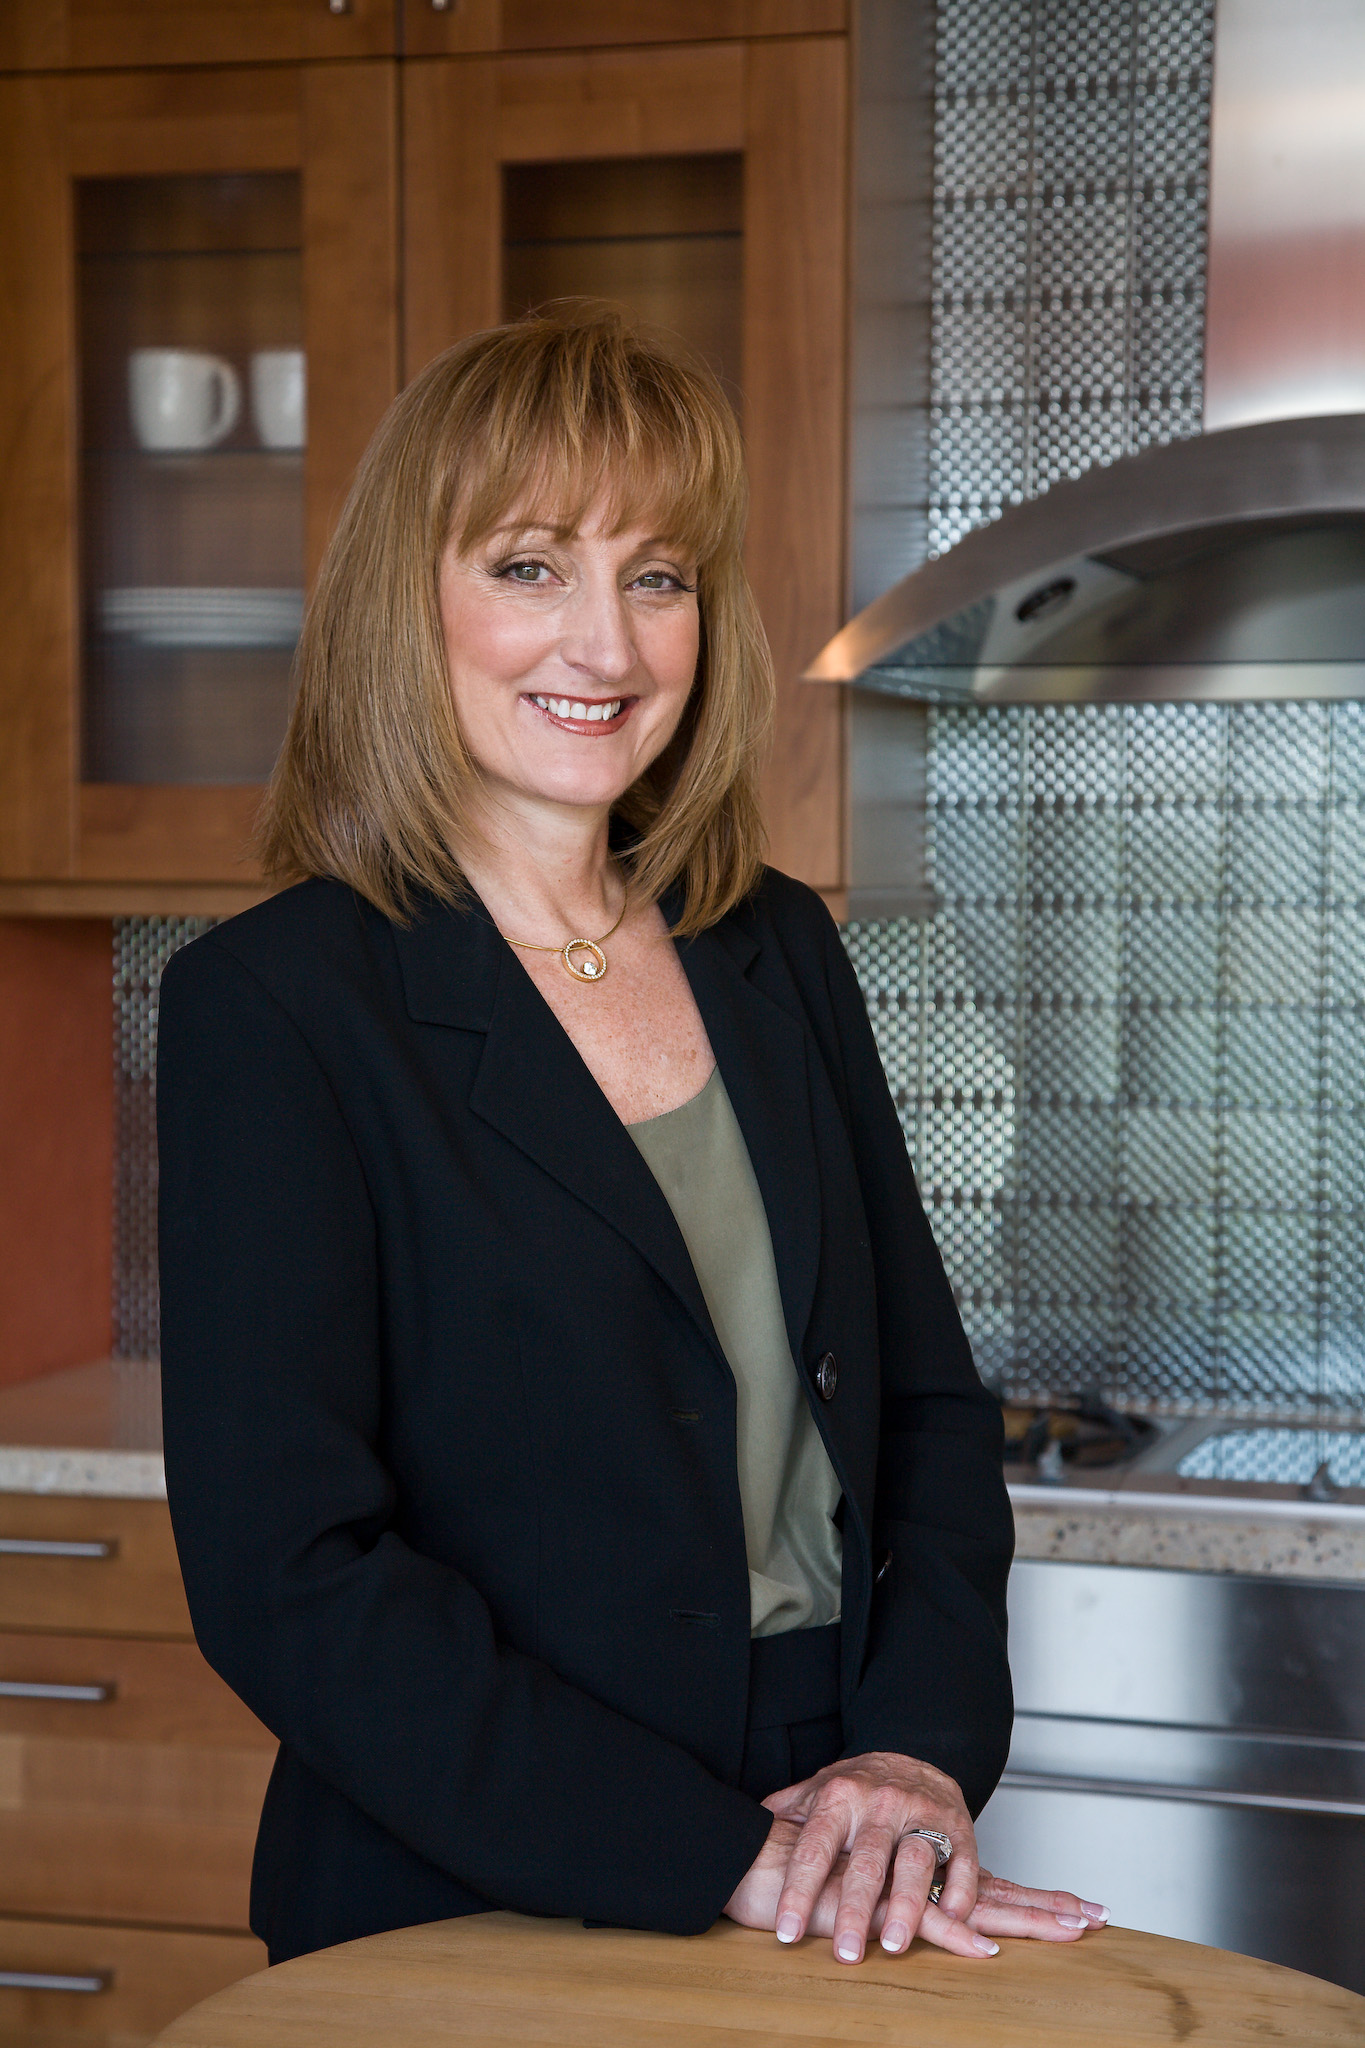 Wilmette kitchen remodel wins asid interior design award for Gail drury kitchen designs